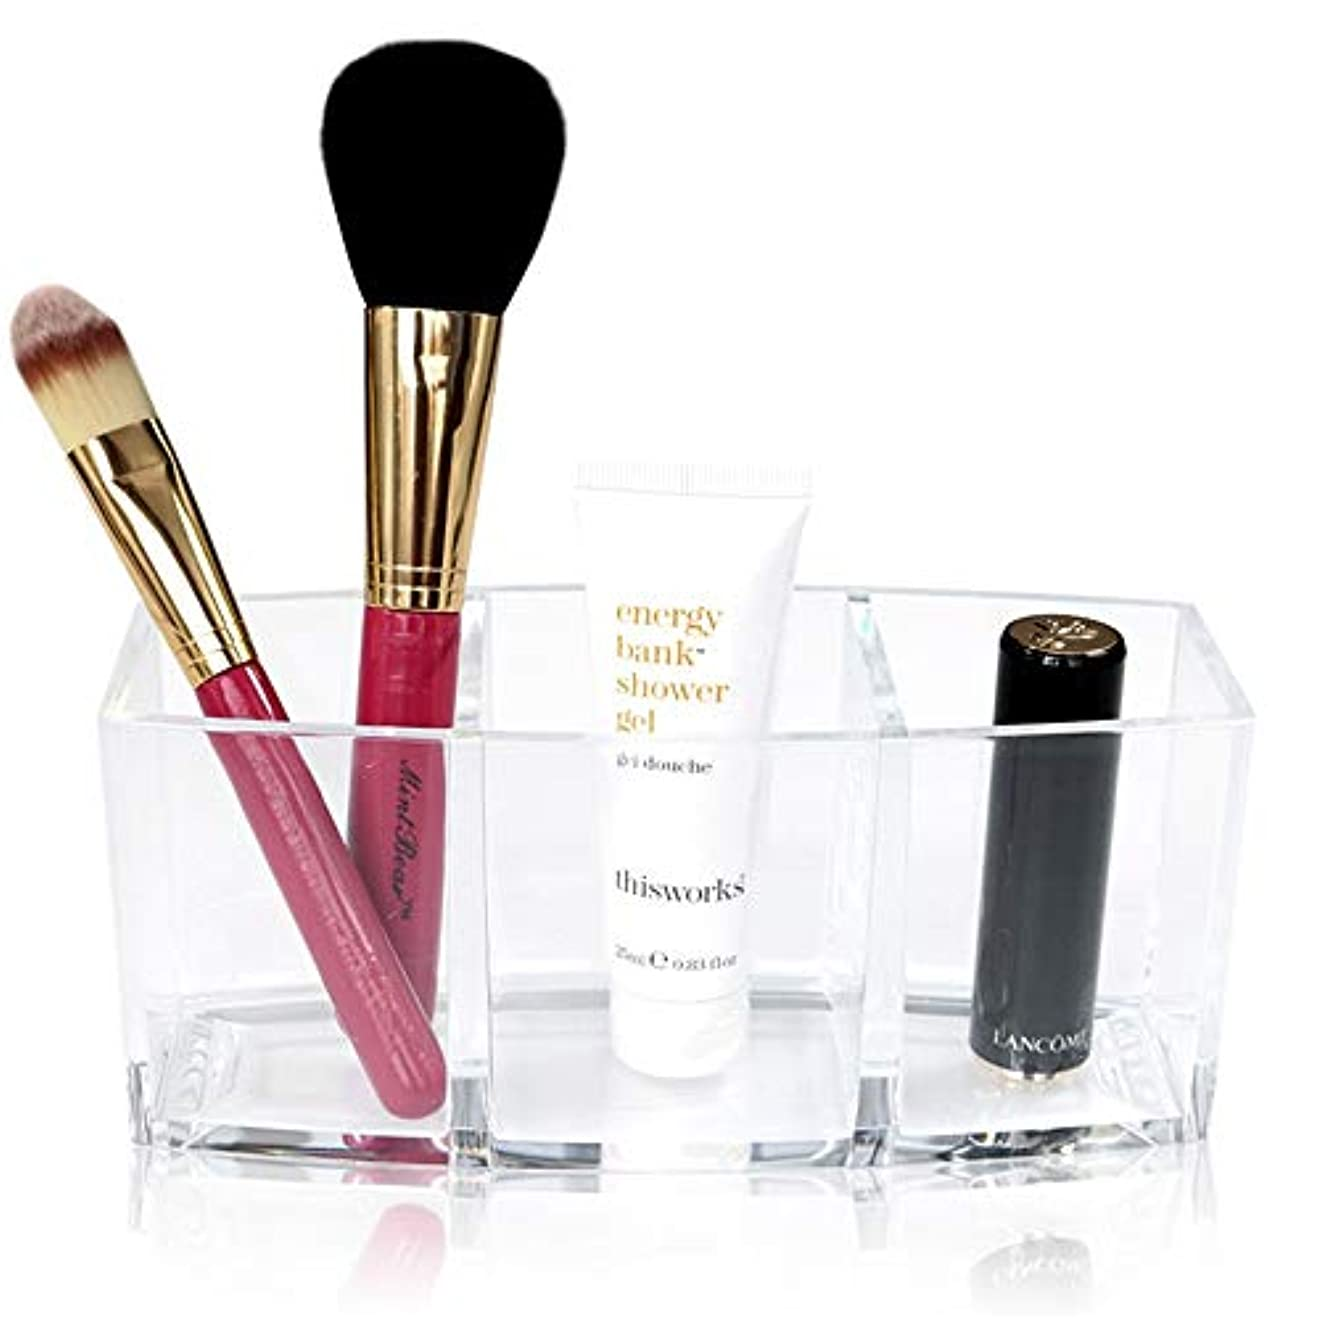 同等のドナーシェル整理簡単 シンプルなアクリル化粧ブラシと化粧品ホルダーオーガナイザー収納付き3コンパートメント誕生日プレゼント用彼女のアクリルデスクオーガナイザー (Color : Clear, Size : 18*7*8CM)